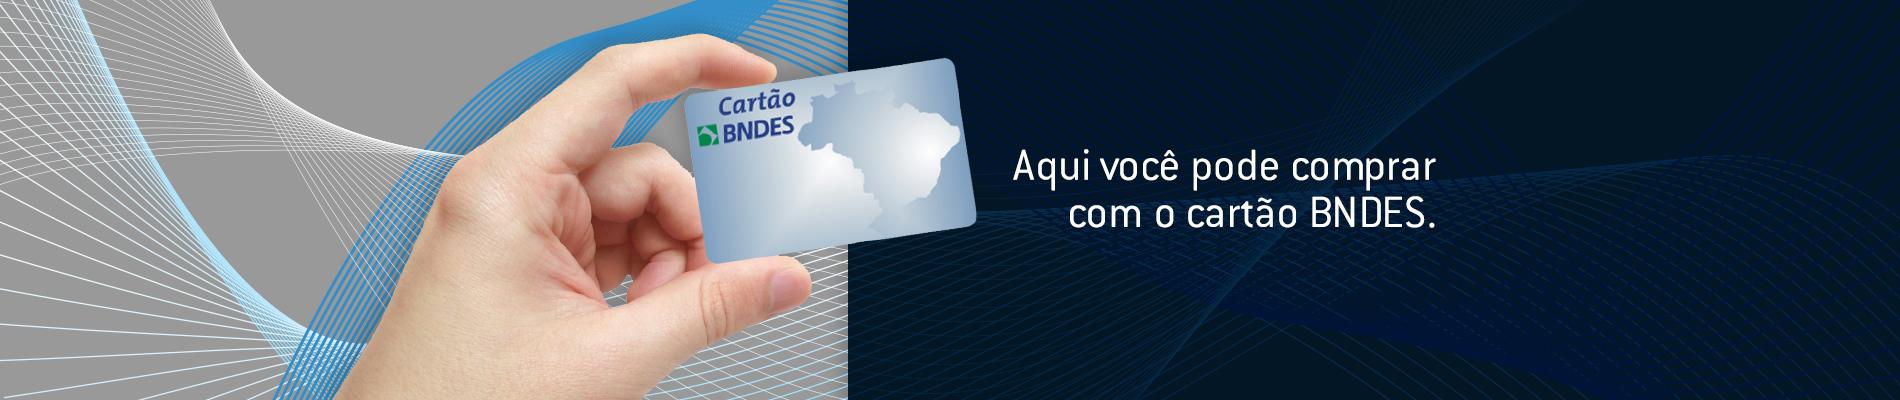 Na Jacobucci você pode comprar com o cartão BNDES